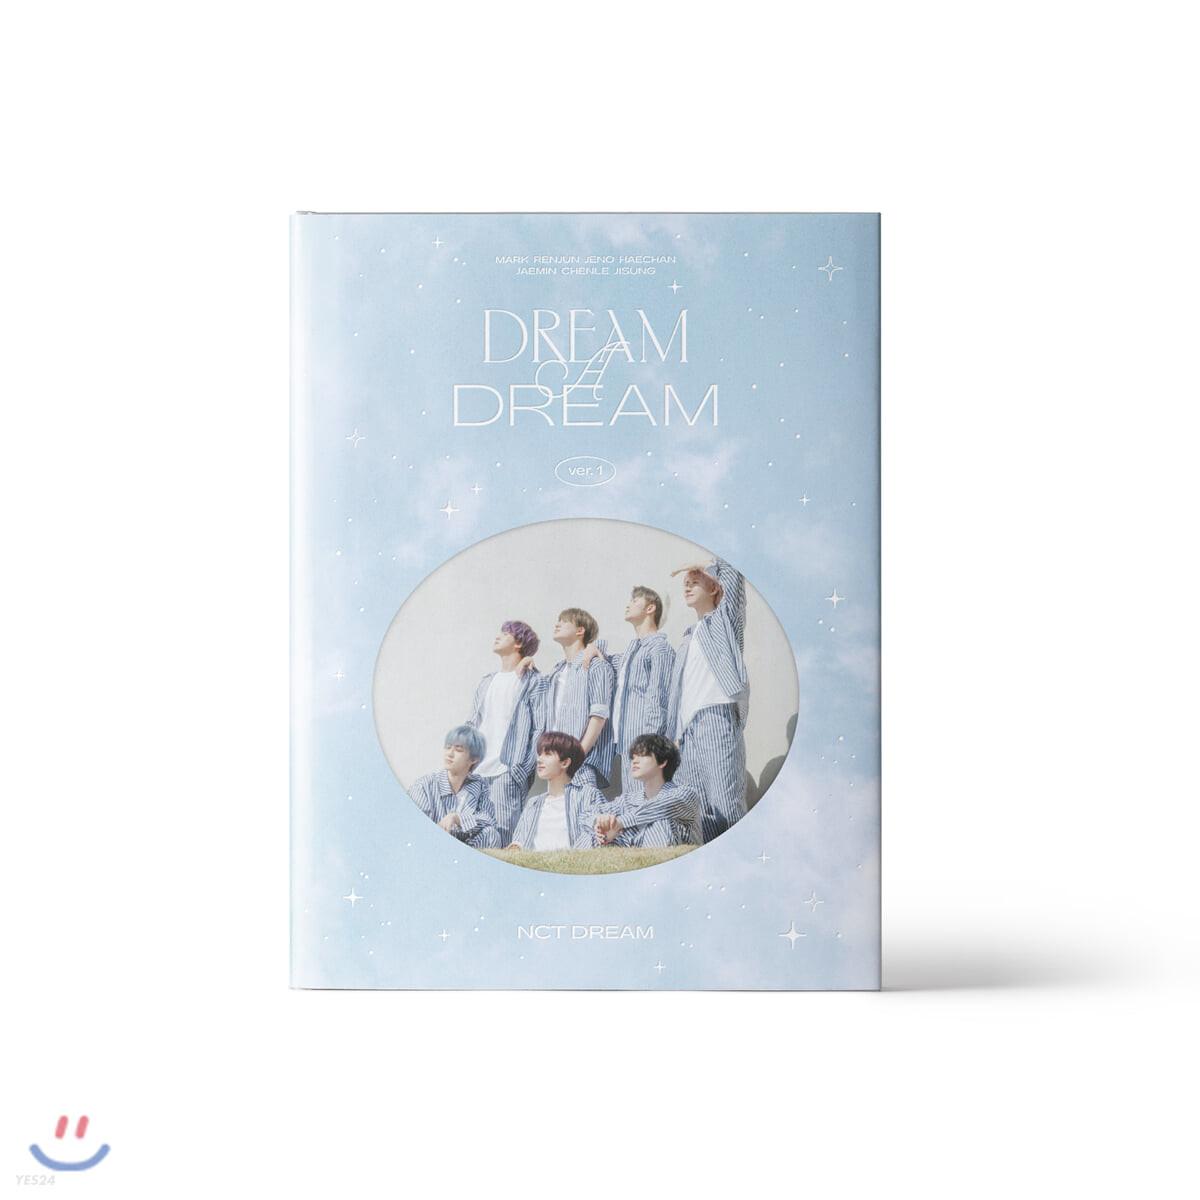 엔시티 드림 (NCT Dream) - NCT DREAM PHOTO BOOK [DREAM A DREAM]